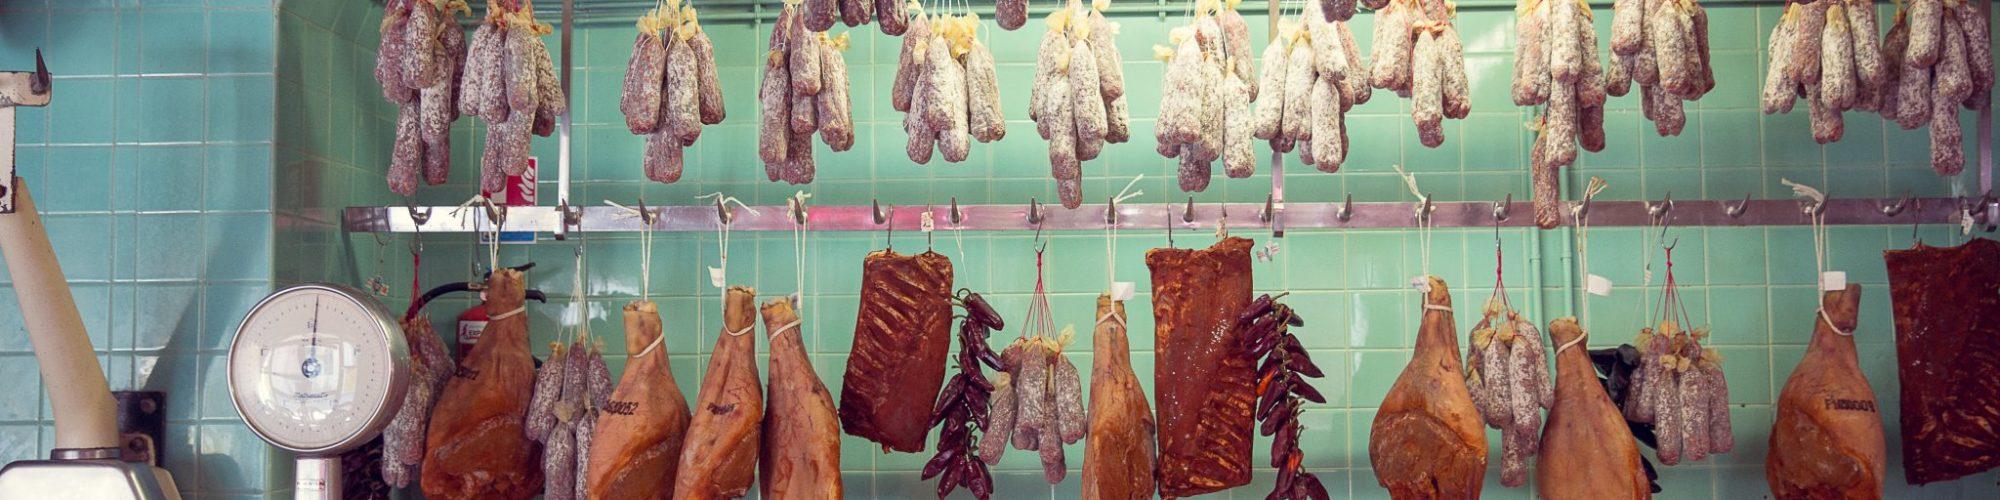 L'artisan du jambon à Bayonne Pierre IBAÏALDE